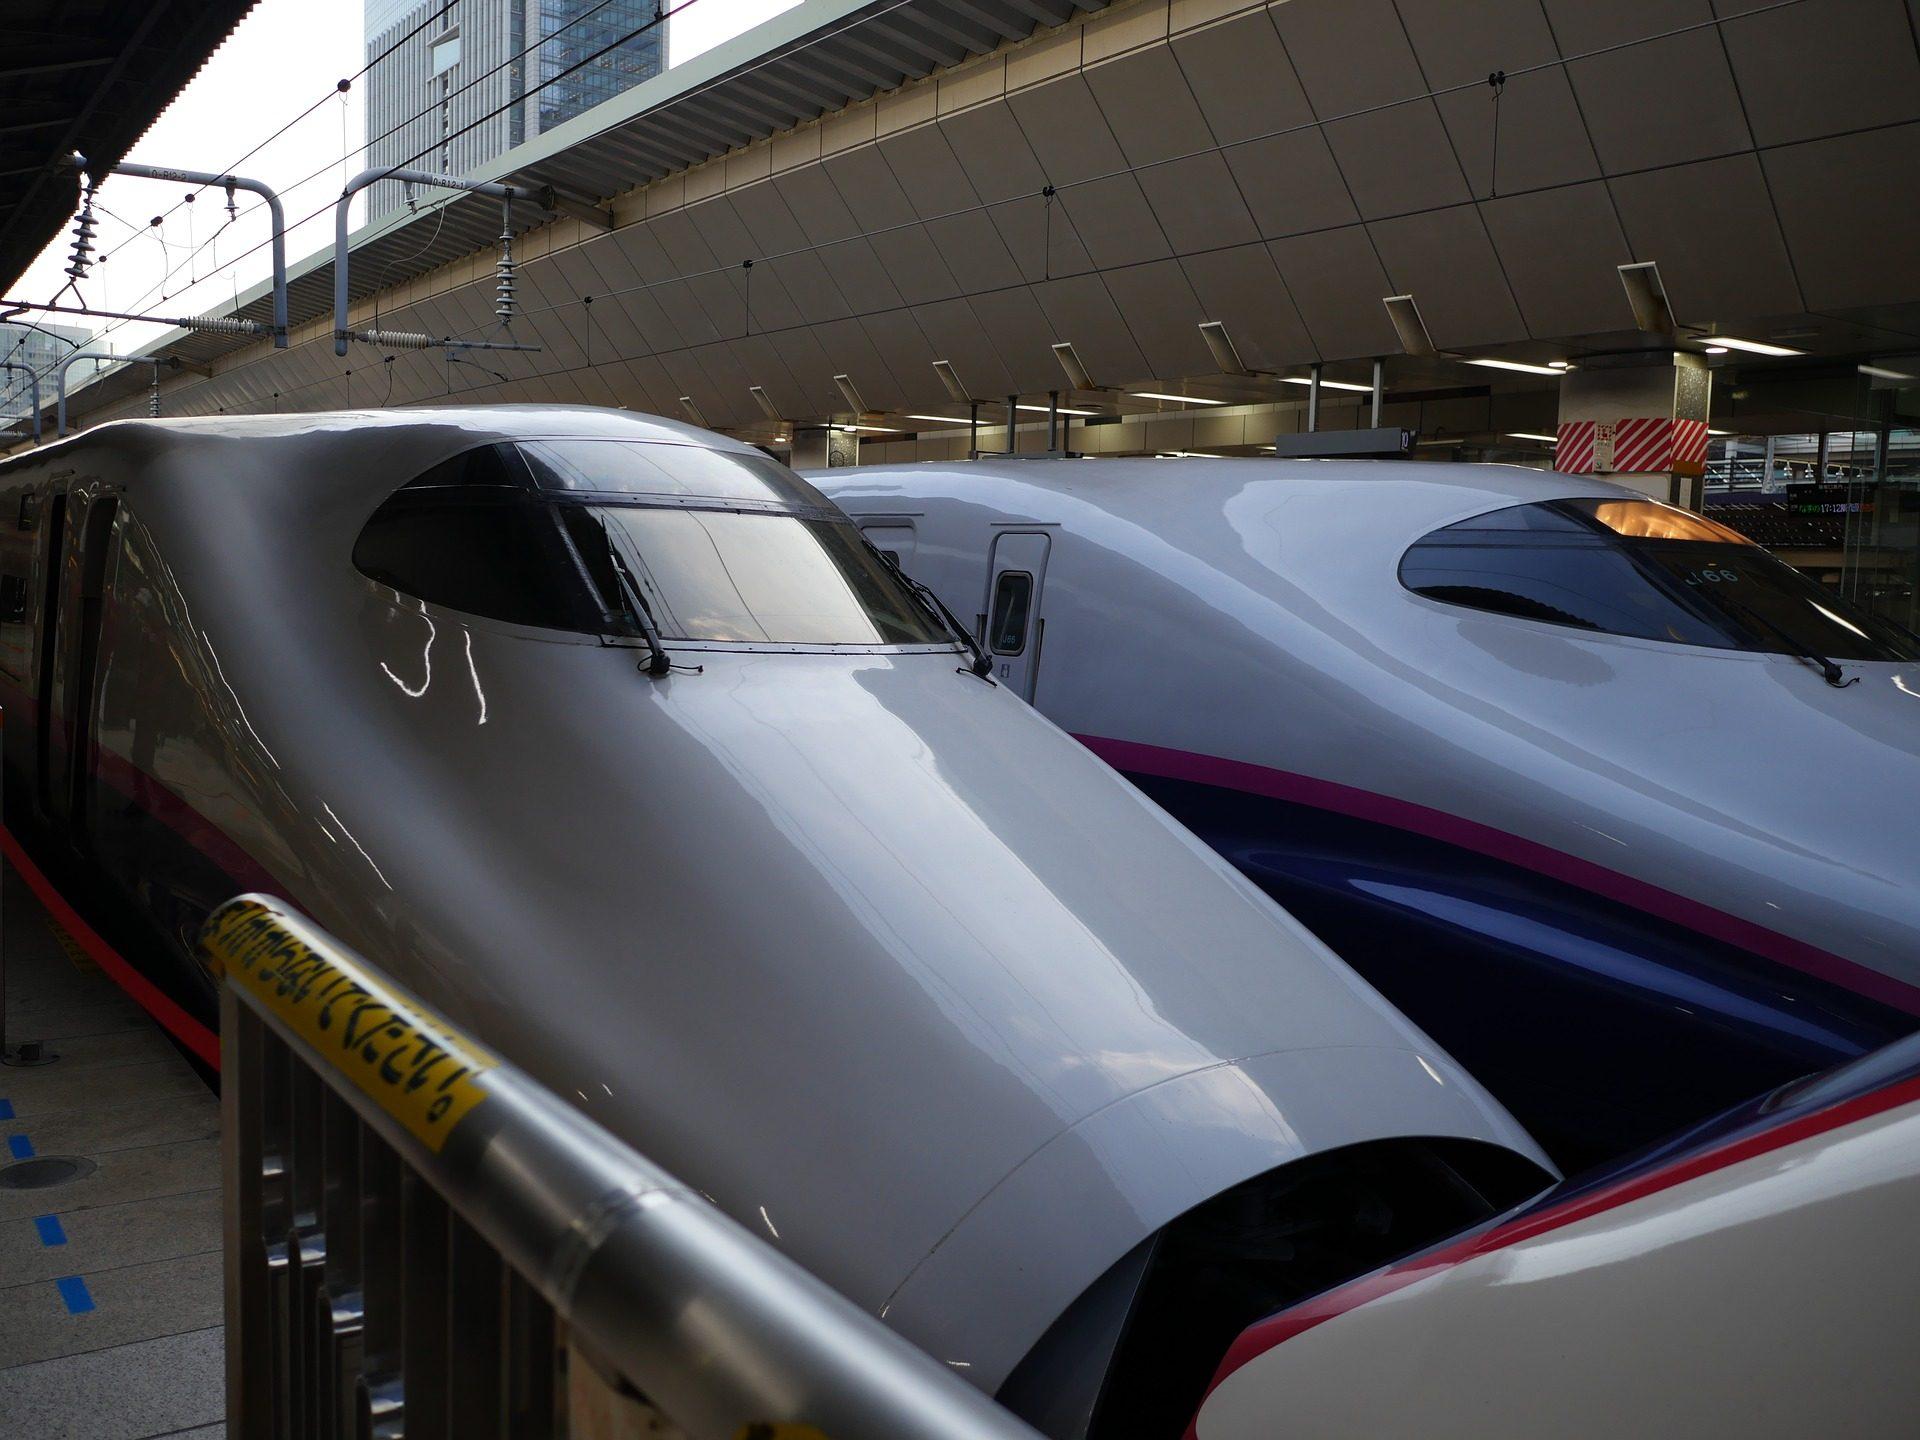 τρένα, κουκκίδα, Σταθμός, μελλοντικές, Τόκιο - Wallpapers HD - Professor-falken.com